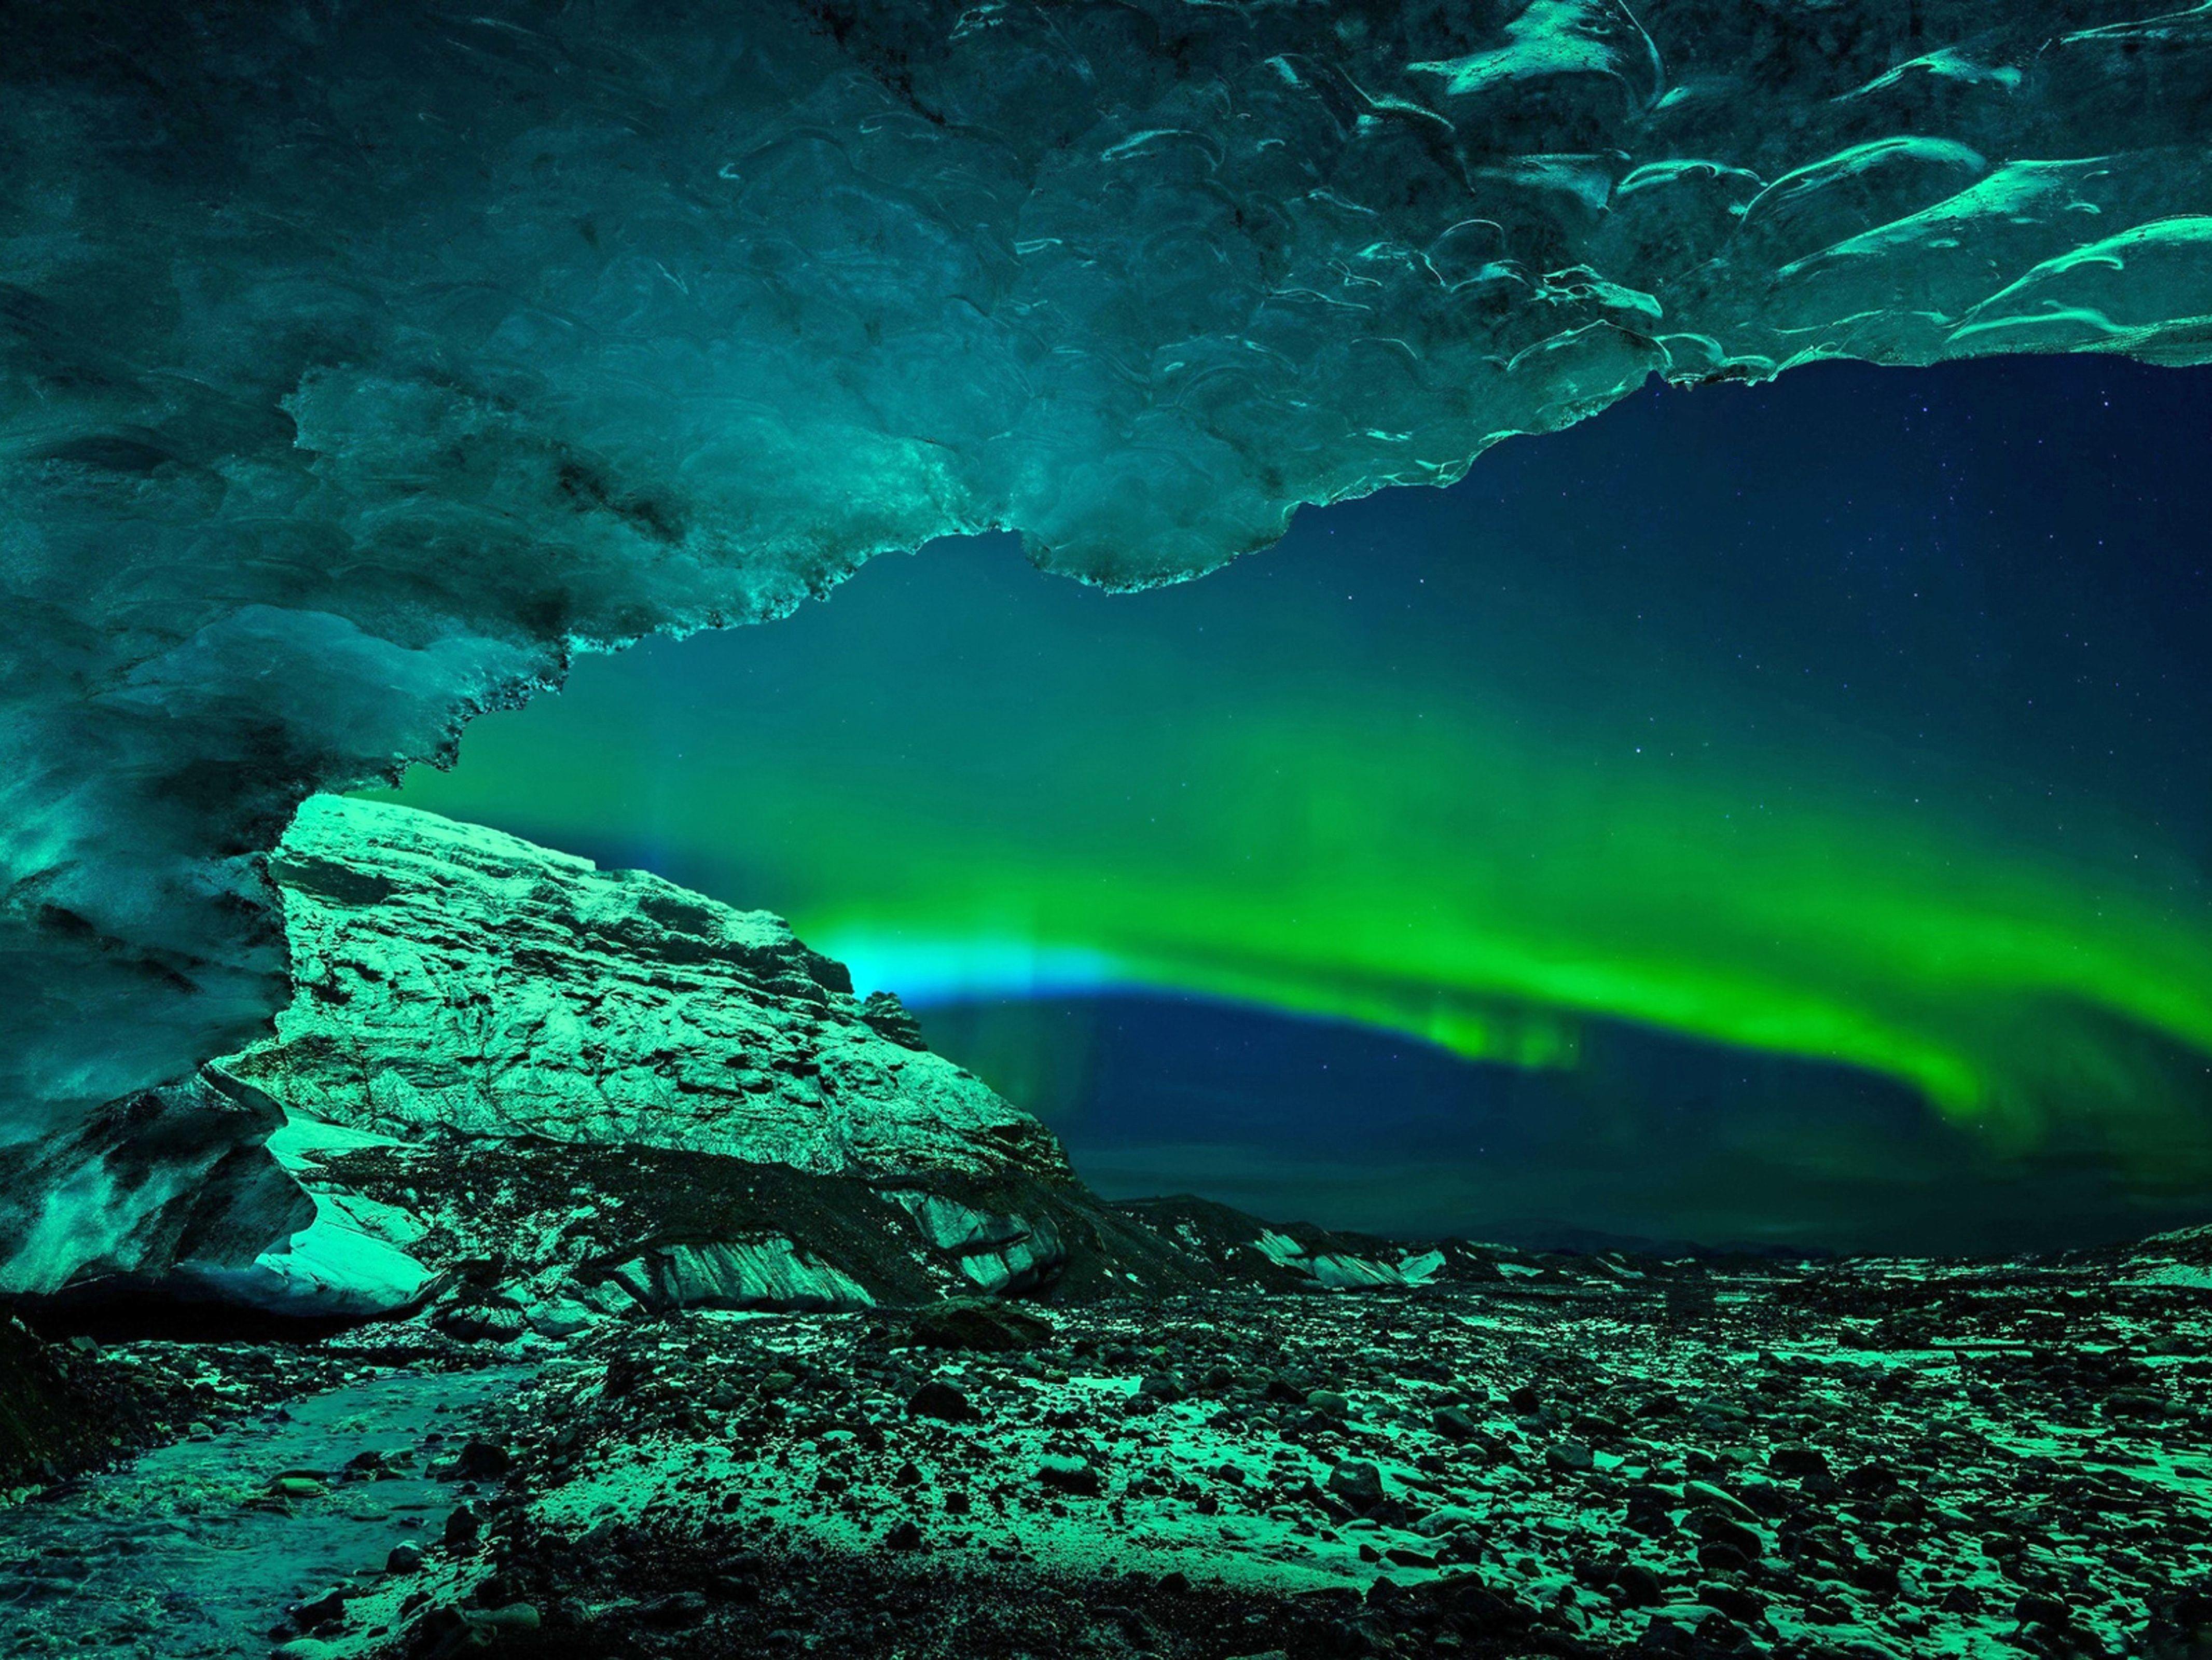 Aurora boreal fondos de pantalla fondos de escritorio for Fondos de pantalla full hd colores